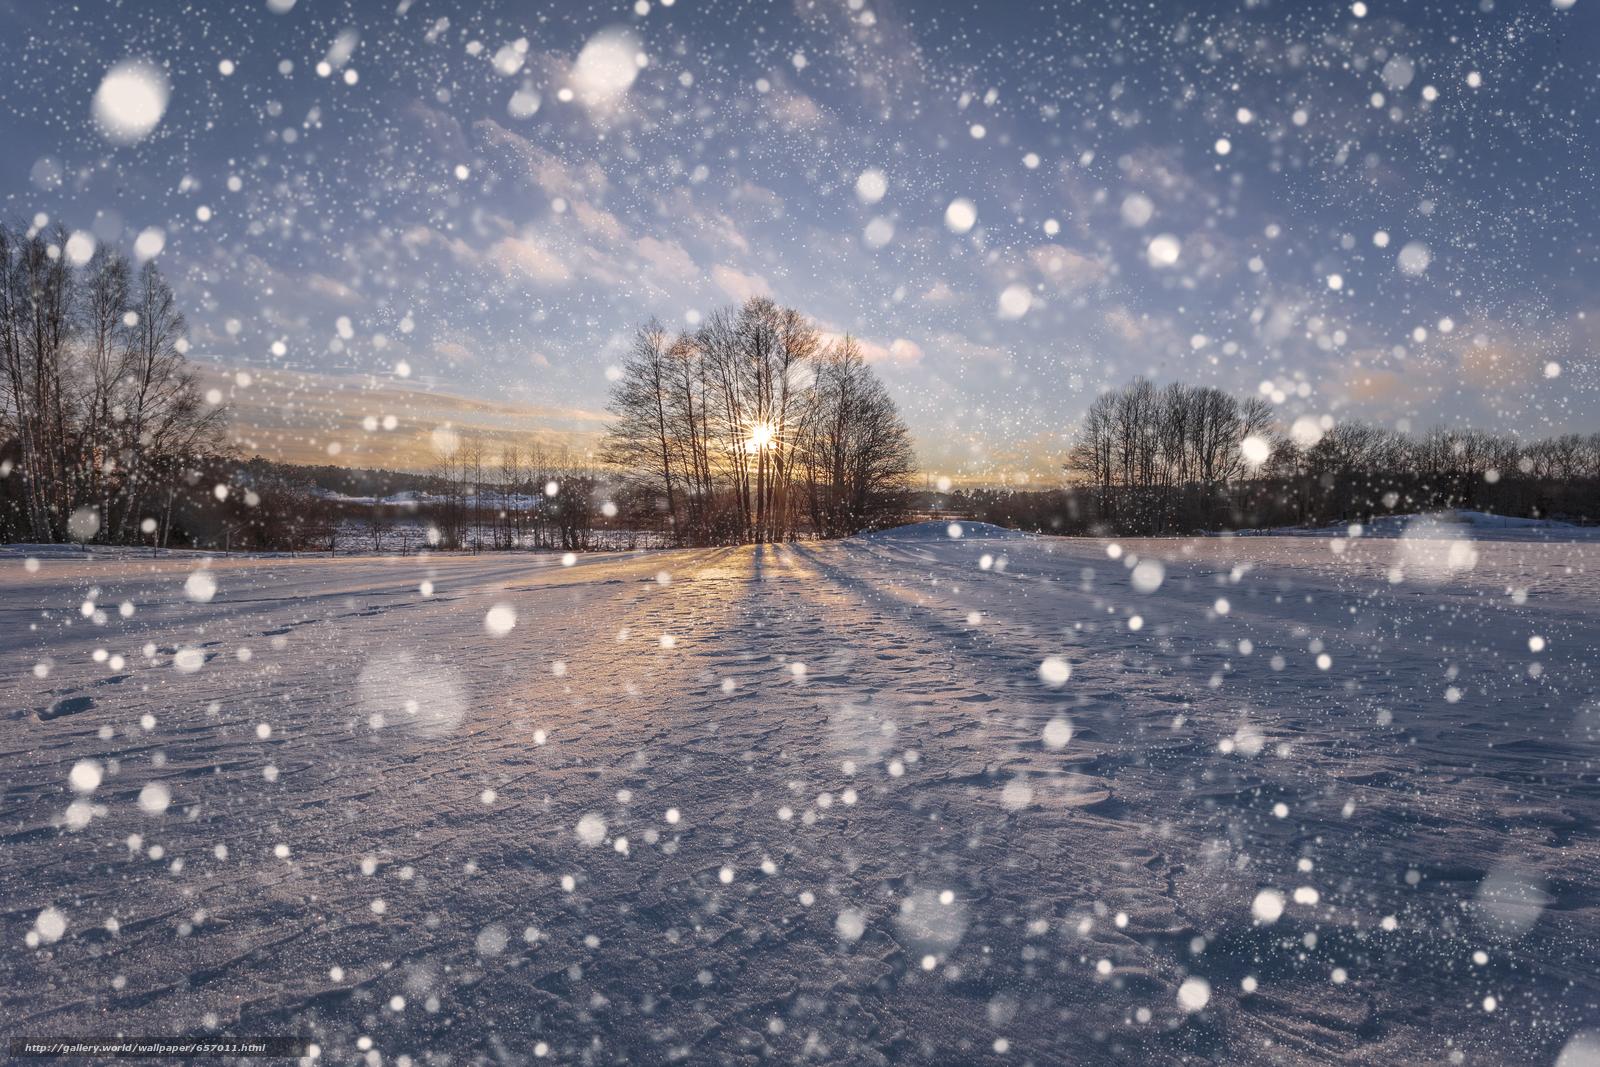 Scaricare gli sfondi inverno tramonto nevicata alberi for Immagini inverno sfondi